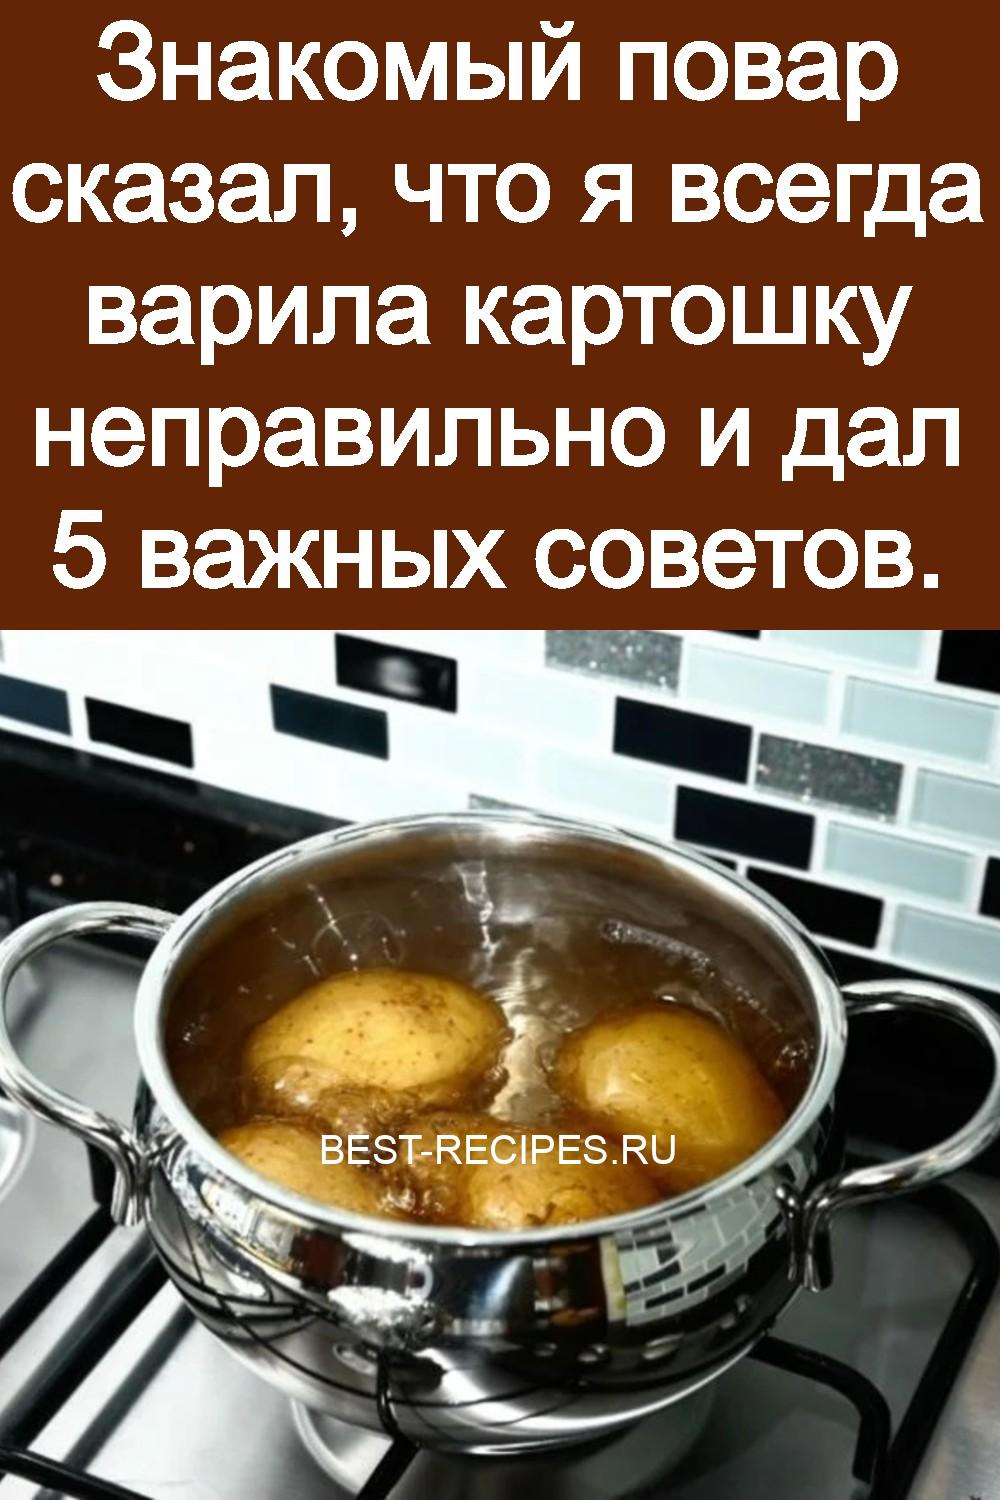 Знакомый повар сказал, что я всегда варила картошку неправильно и дал 5 важных советов 3